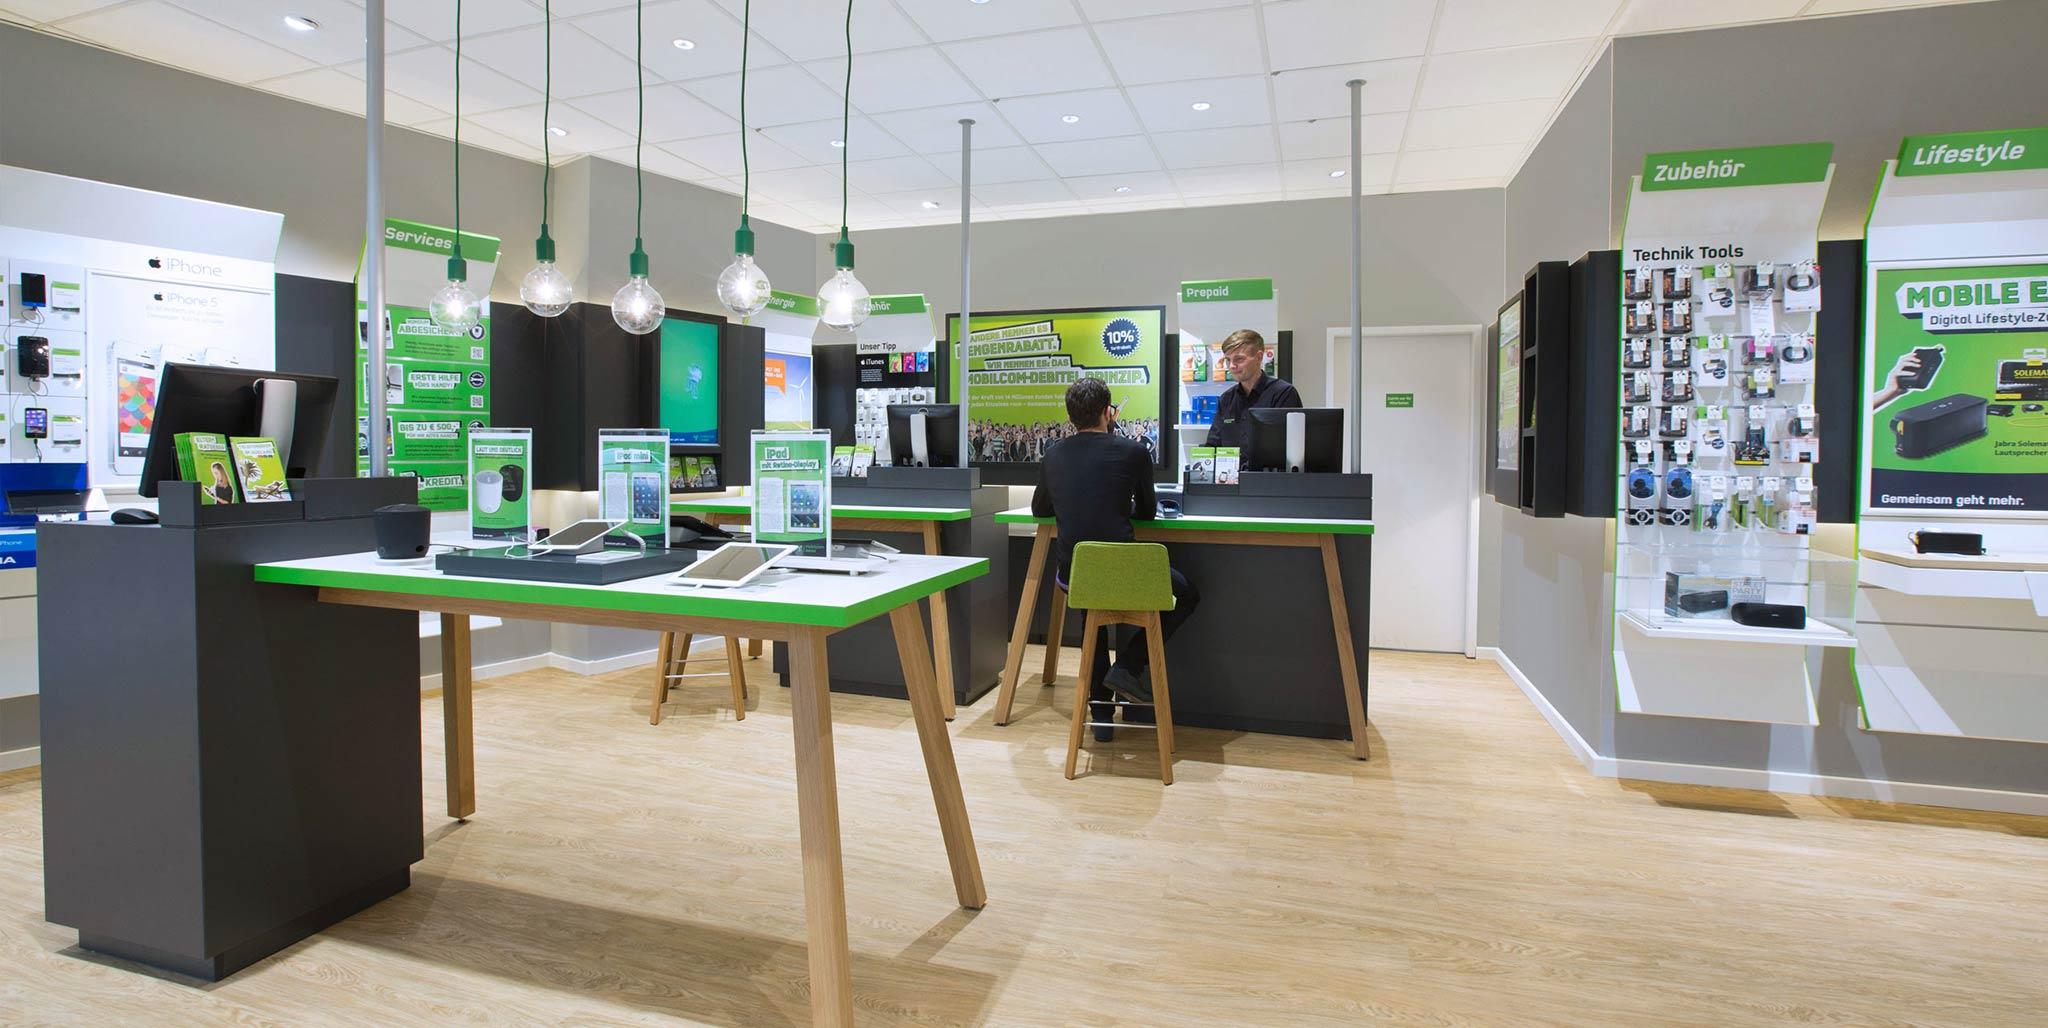 mobilcom-debitel: Shopdesign von Preussisch Portugal